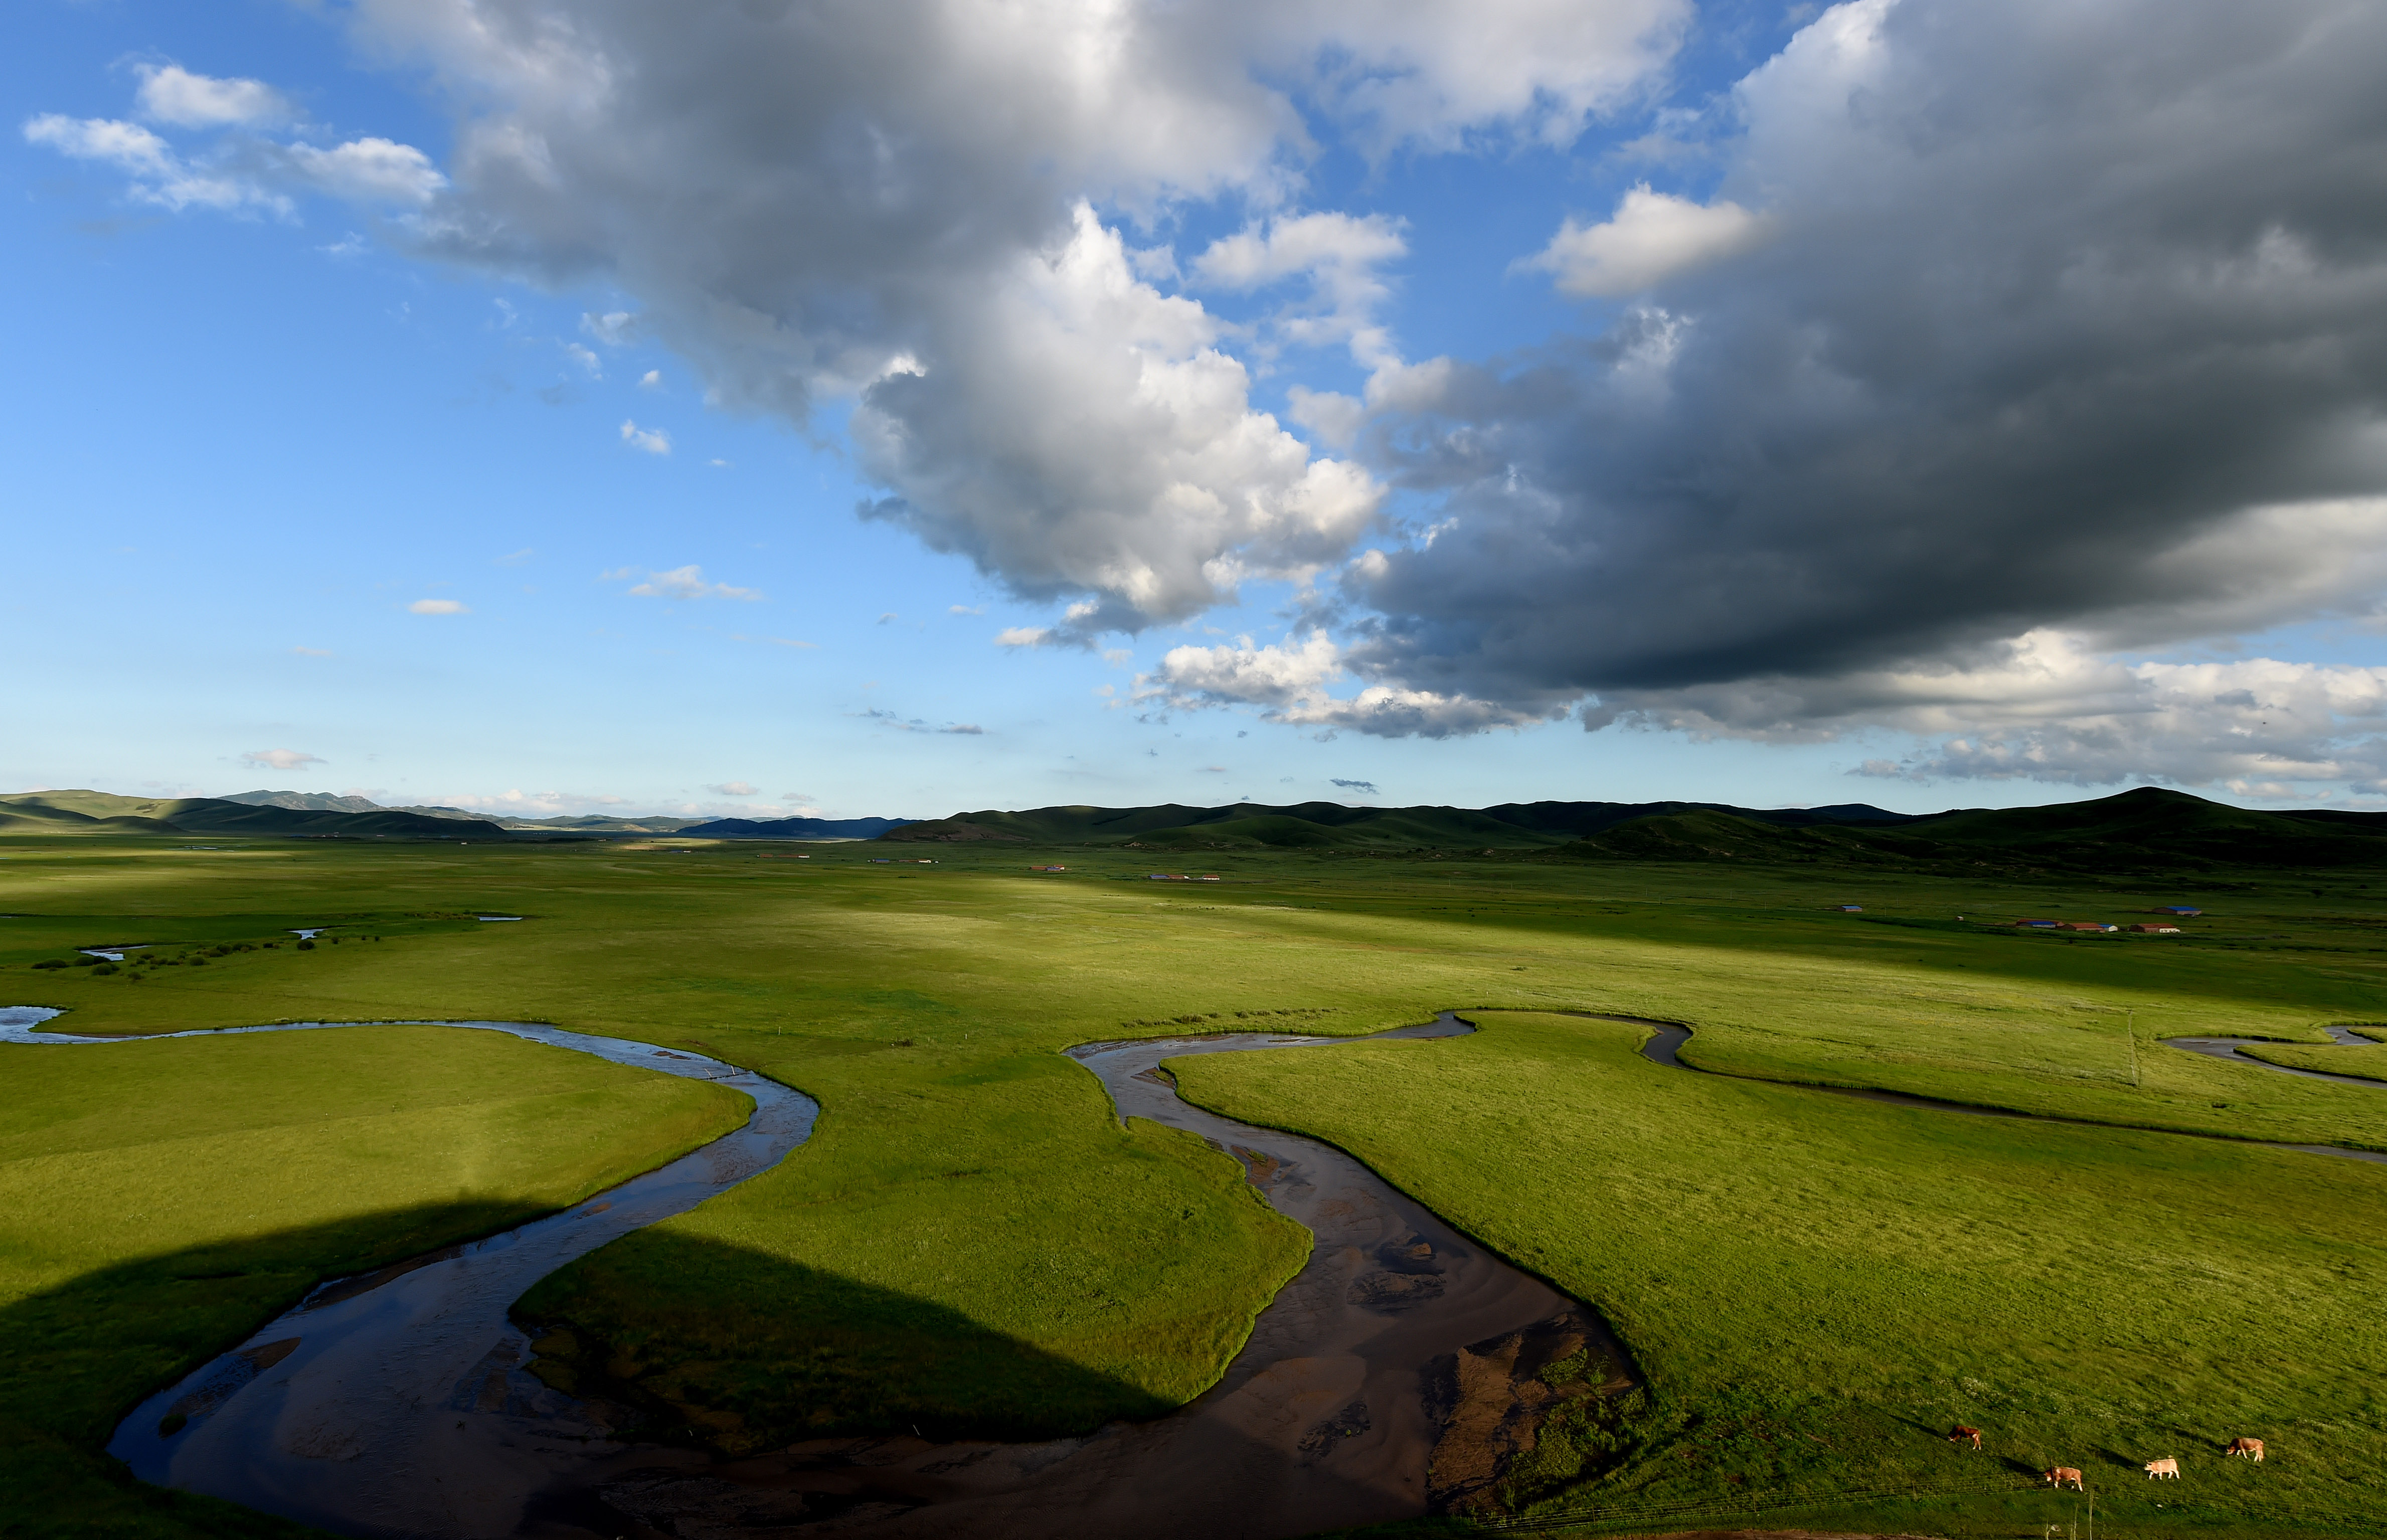 這是美麗的西烏珠穆沁旗白彥花鎮阿拉騰興安嘎查乃林河草原風光(7月23日無人機拍攝)。     今年,豐富的降雨讓位于內蒙古中部的錫林郭勒大草原在盛夏時節水草豐美,成為一片綠色的海洋。彎曲的河流、天空中飄動的云朵與草地間的牛羊和馬群構成一幅夏日美麗畫卷。     新華社記者 劉磊 攝